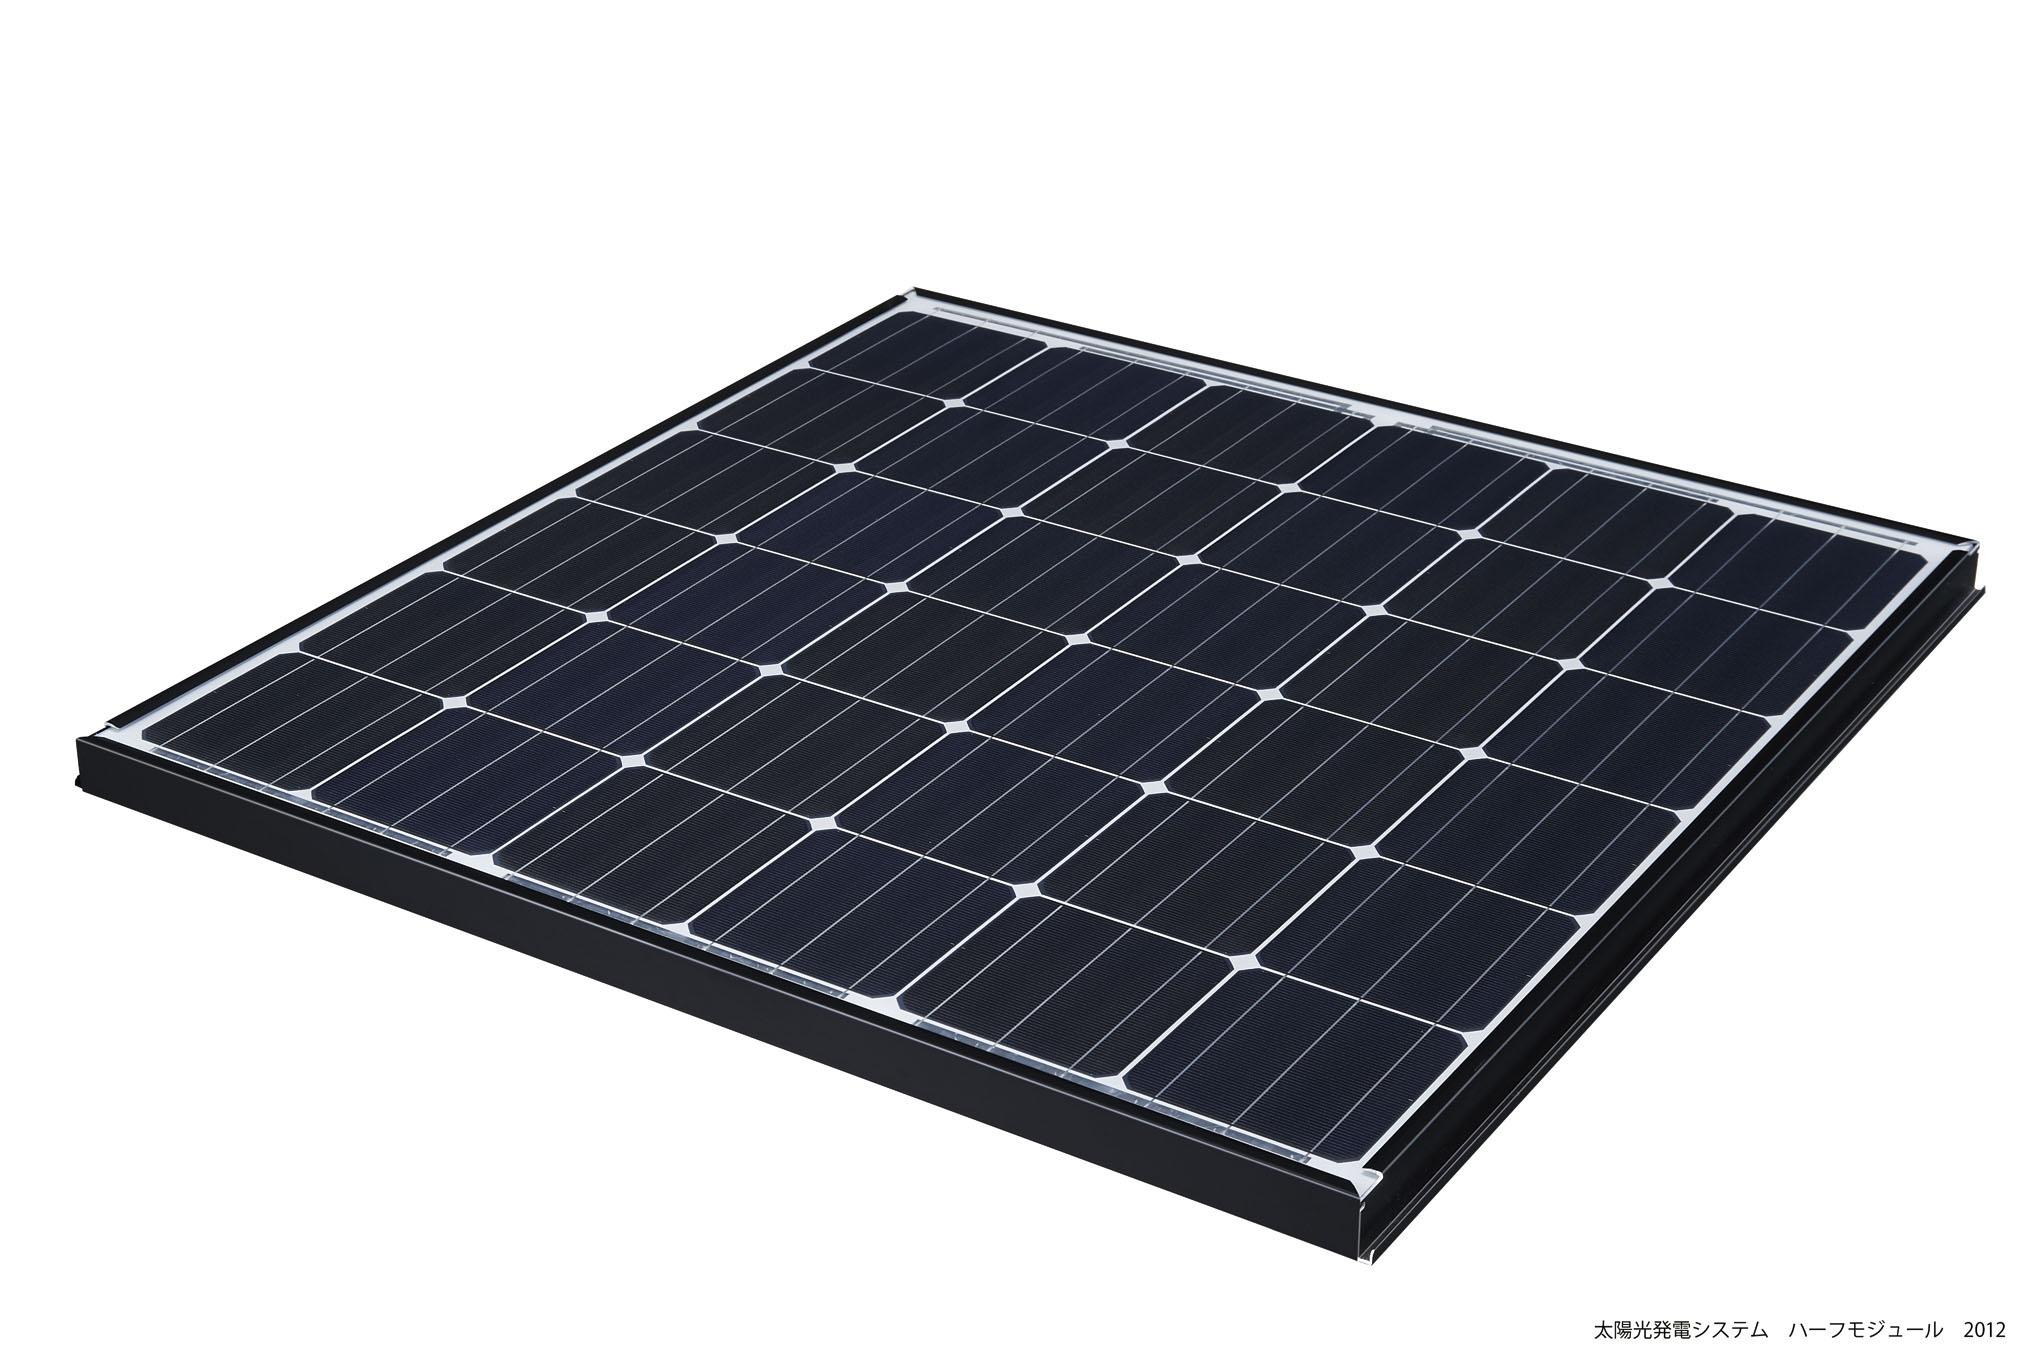 限られた屋根のスペースを有効活用して、しっかり発電、太陽電池モジュール 「HIT(R) ハーフタイプ116/120」 受注開始